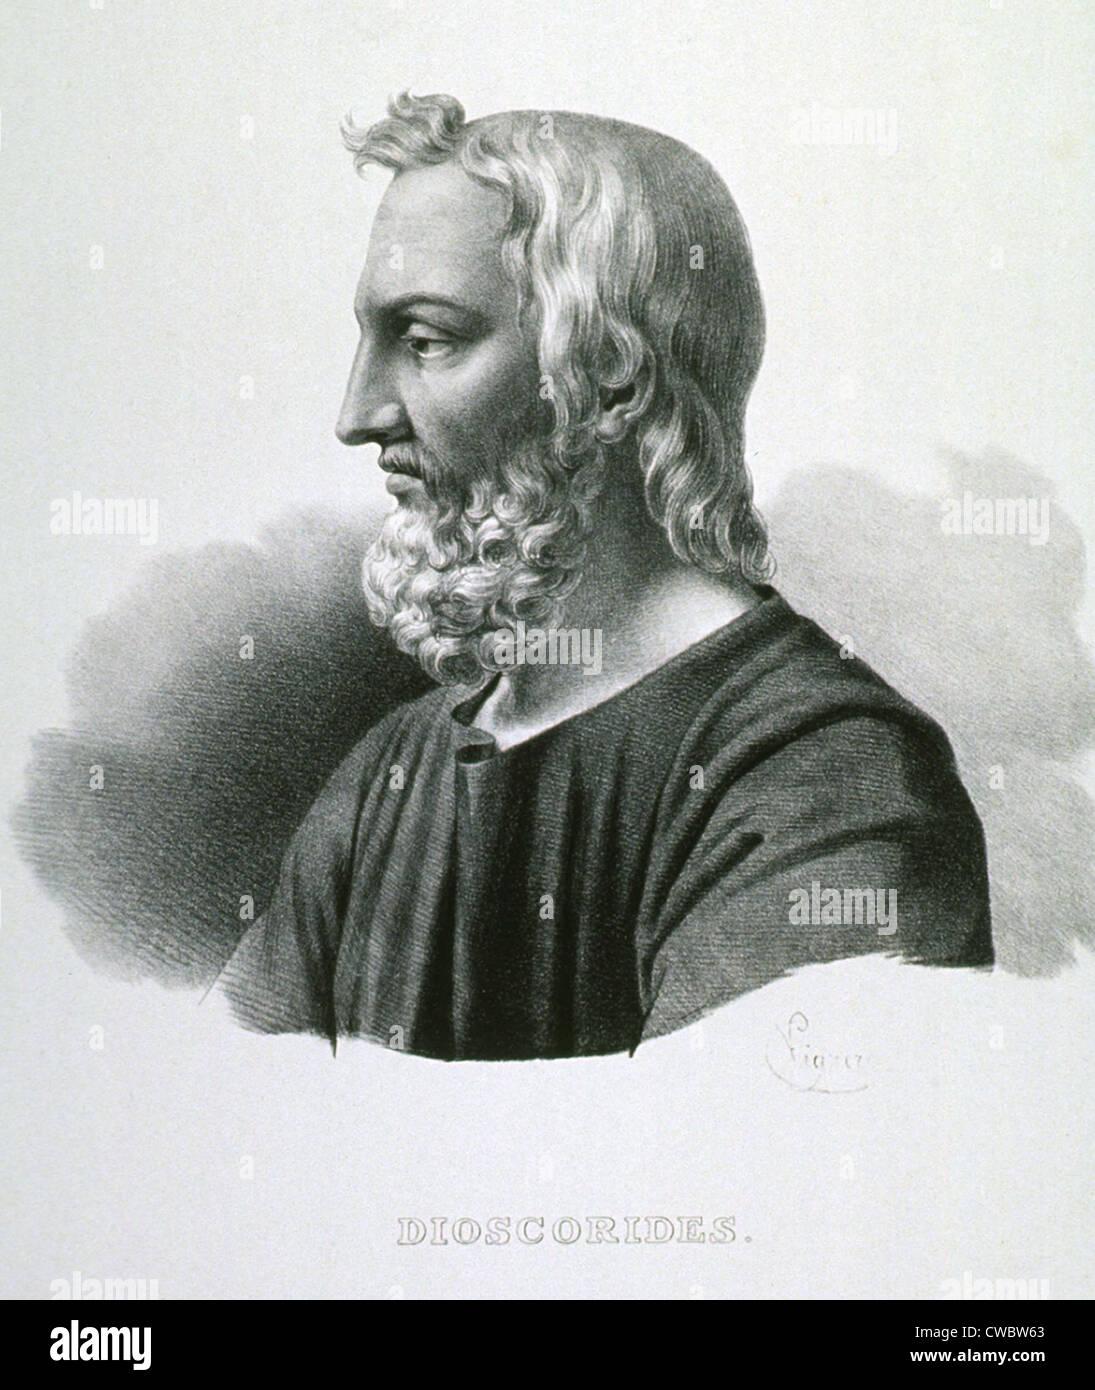 Pedanius Dioscórides (40-90 AD), farmacólogo y botánico griego, escribió DE MATERIA MEDICA (sobre cuestiones médicas), Foto de stock